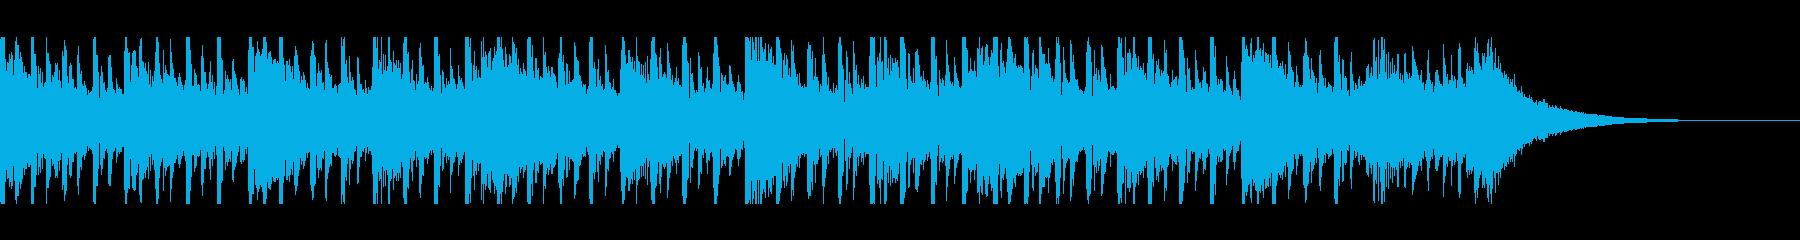 ソフト企業面接(30秒)の再生済みの波形